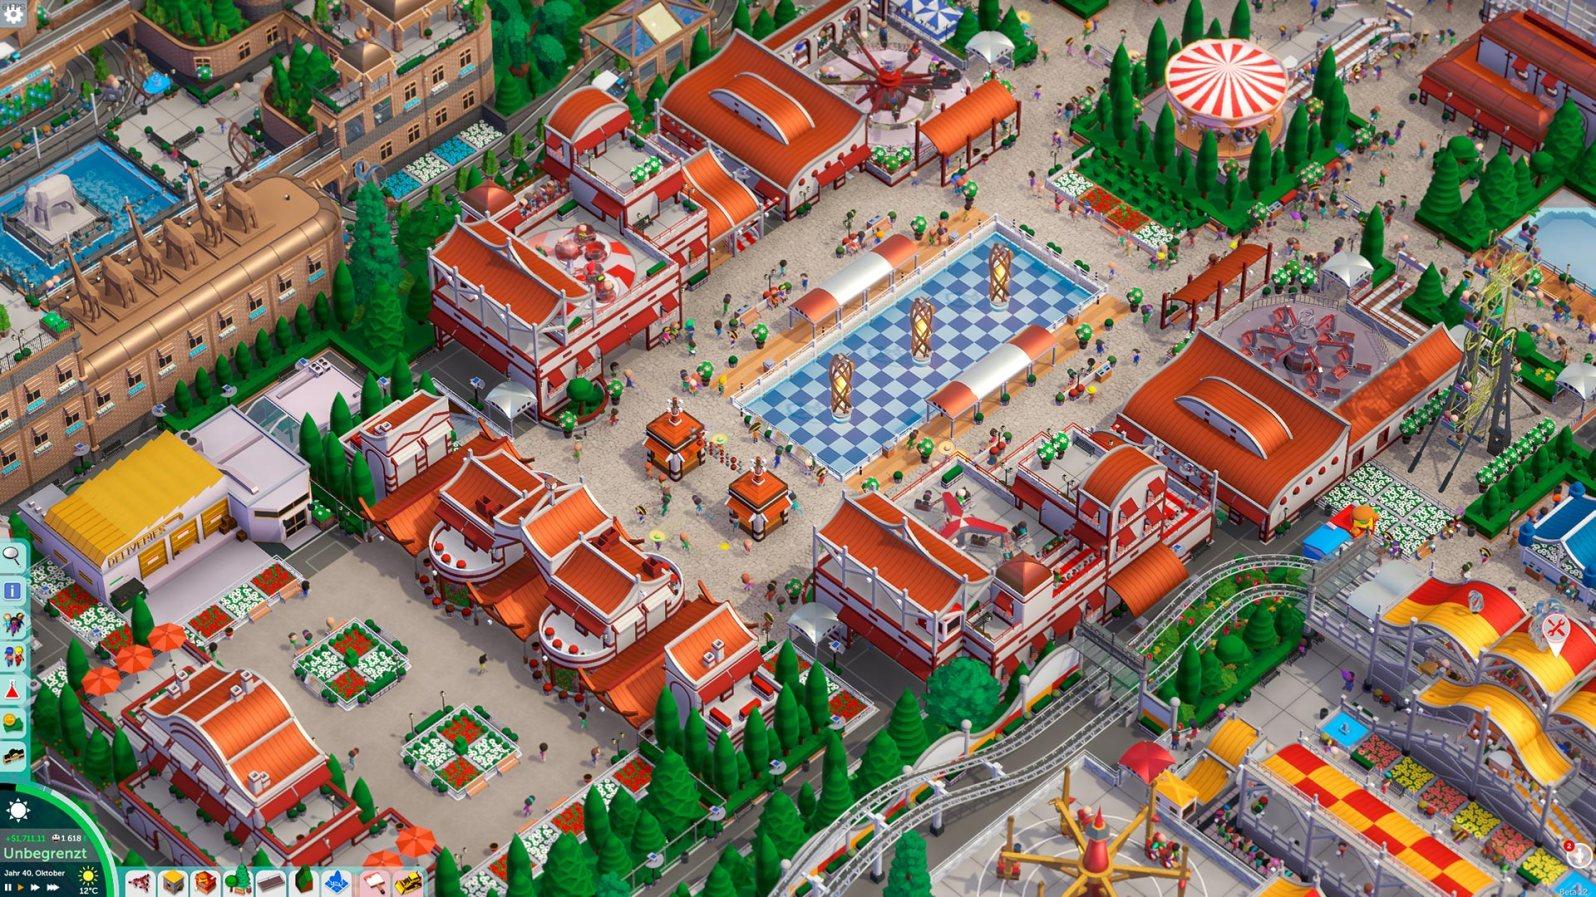 """Parkitect: Hier wird """"Schönbauen"""" großgeschrieben! (Steam Workshop: Park - Som i Serem von User KAZEL)"""